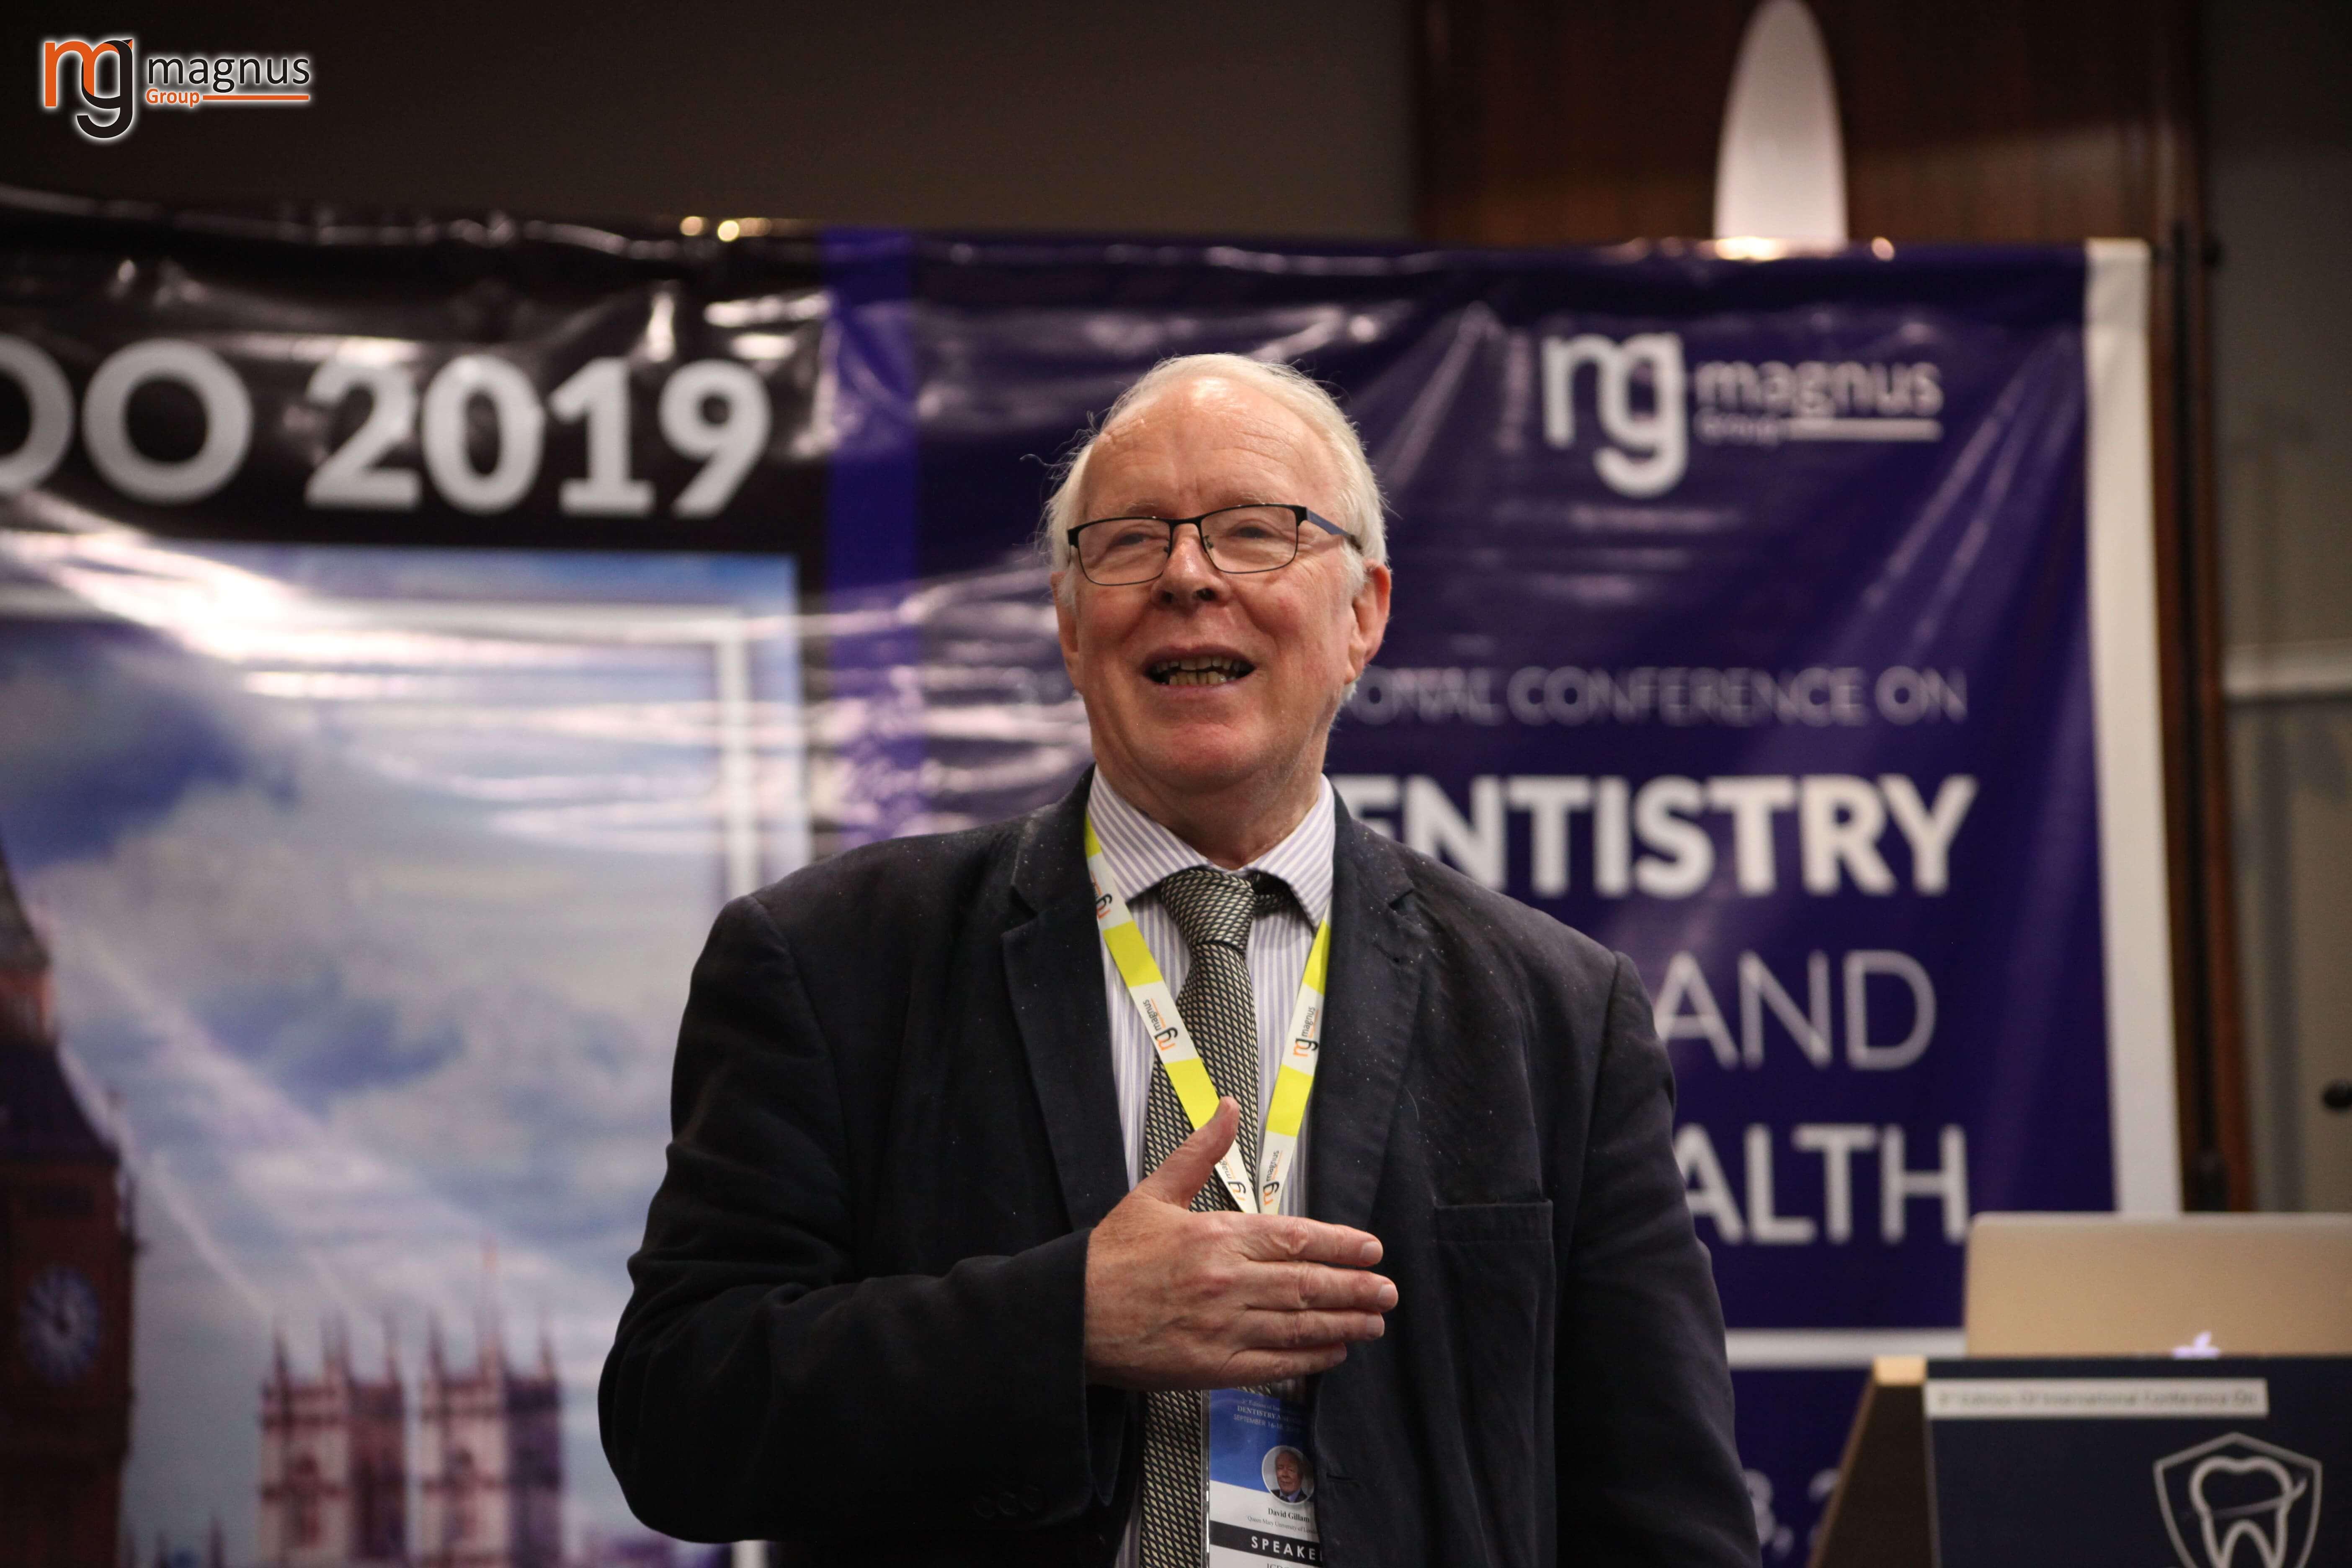 Oral Health Conferences -David Gillam